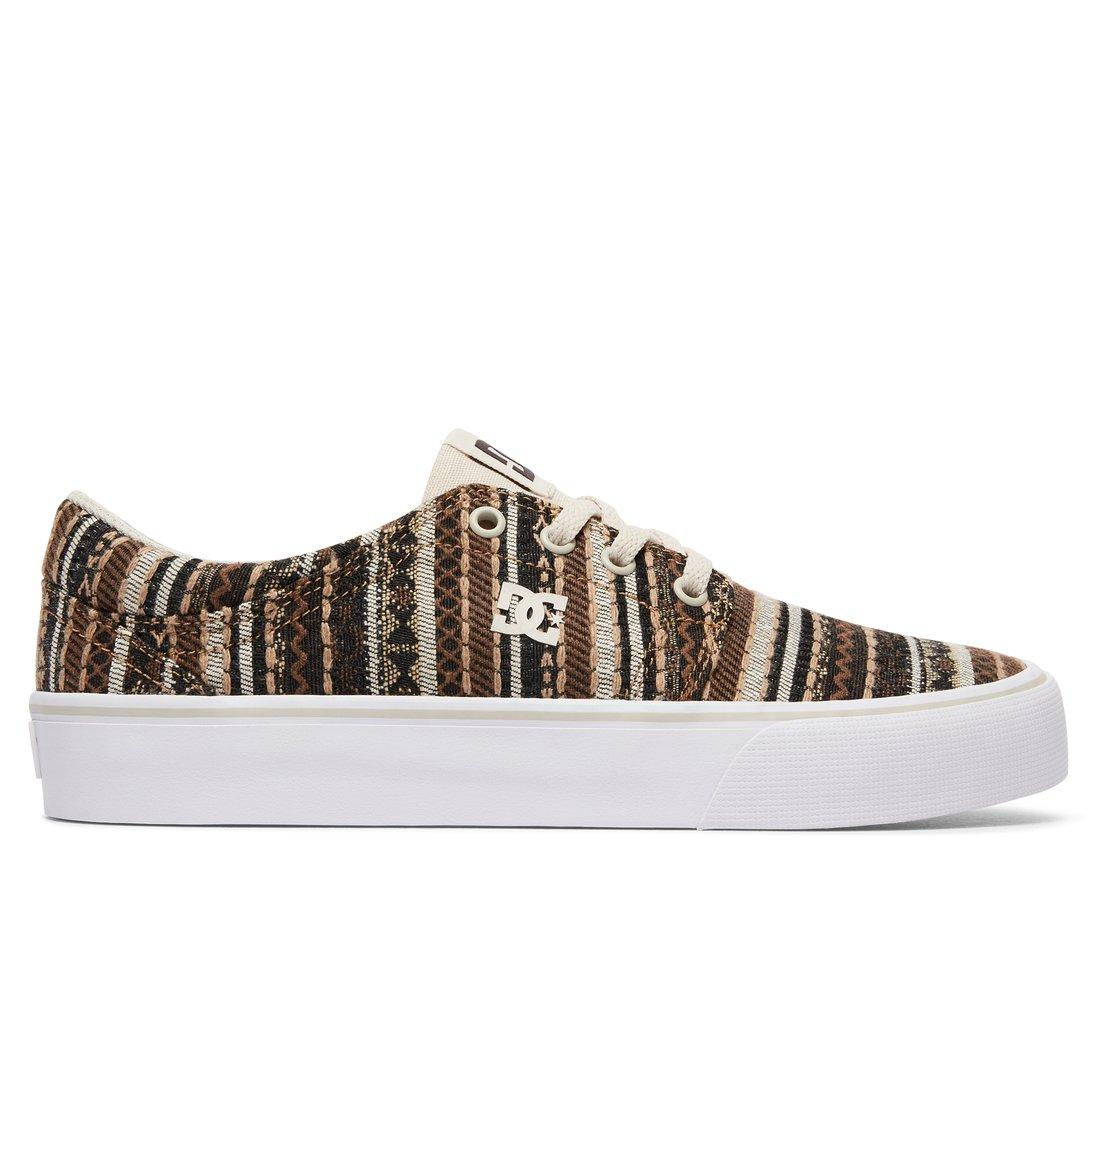 e22824d4139a 0 Trase TX LE - Shoes Brown ADJS300198 DC Shoes